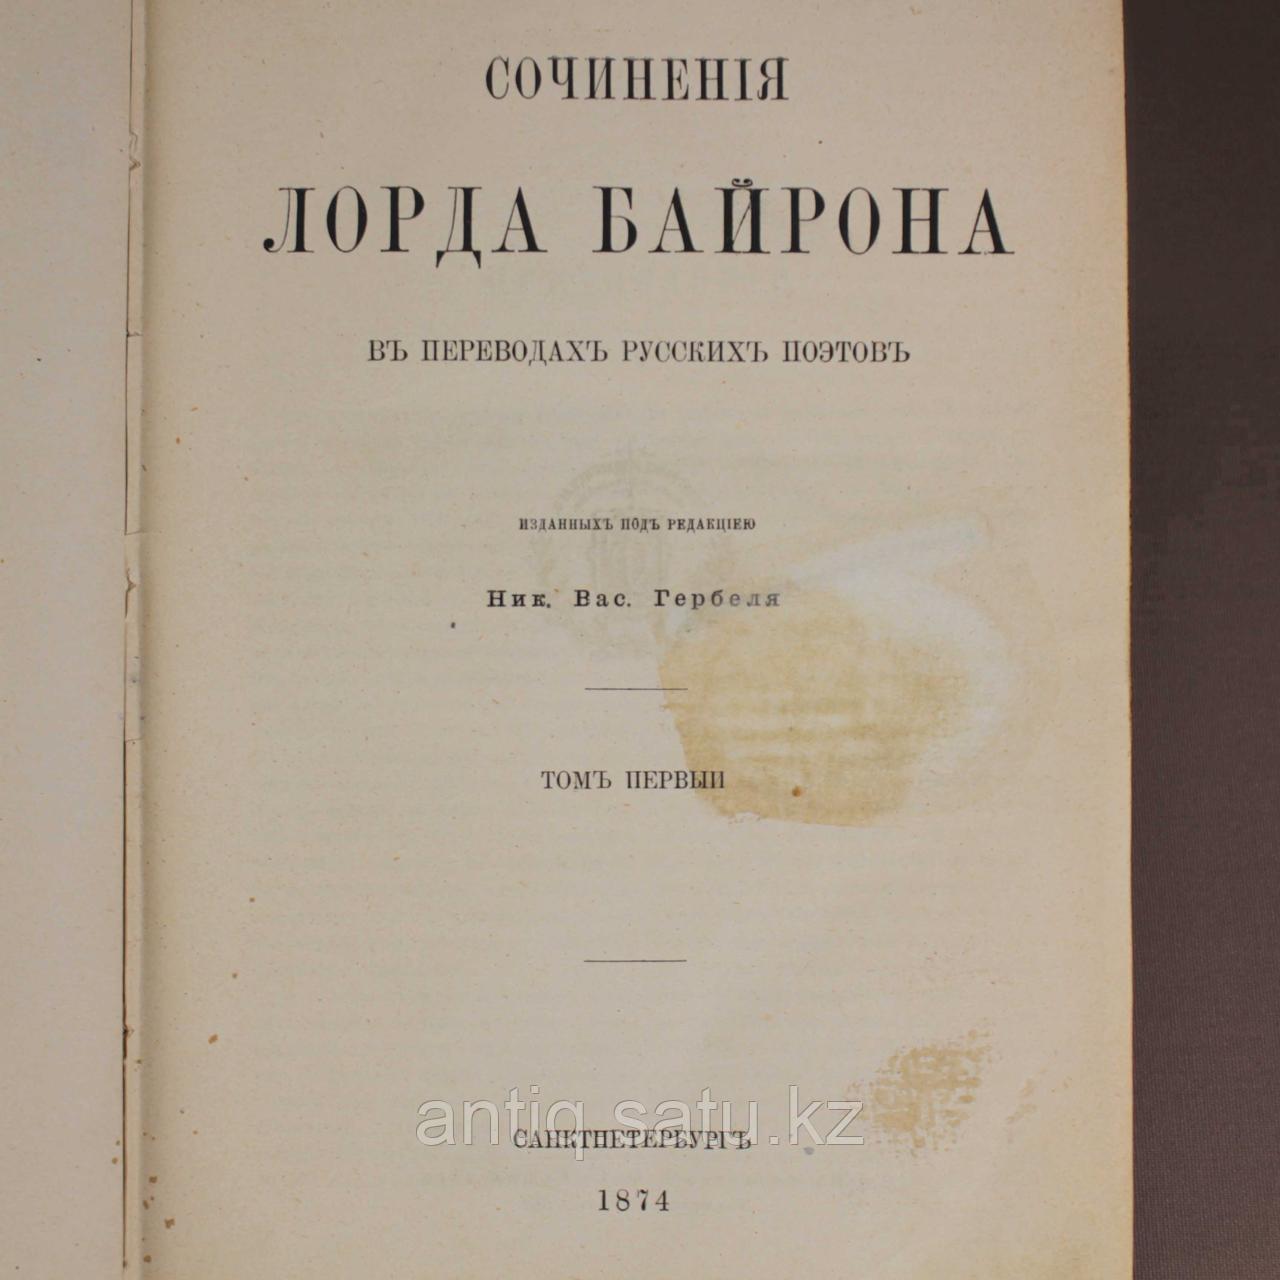 Сочинения Лорда Байрона. 4 тома. В подарочном кейсе - фото 4